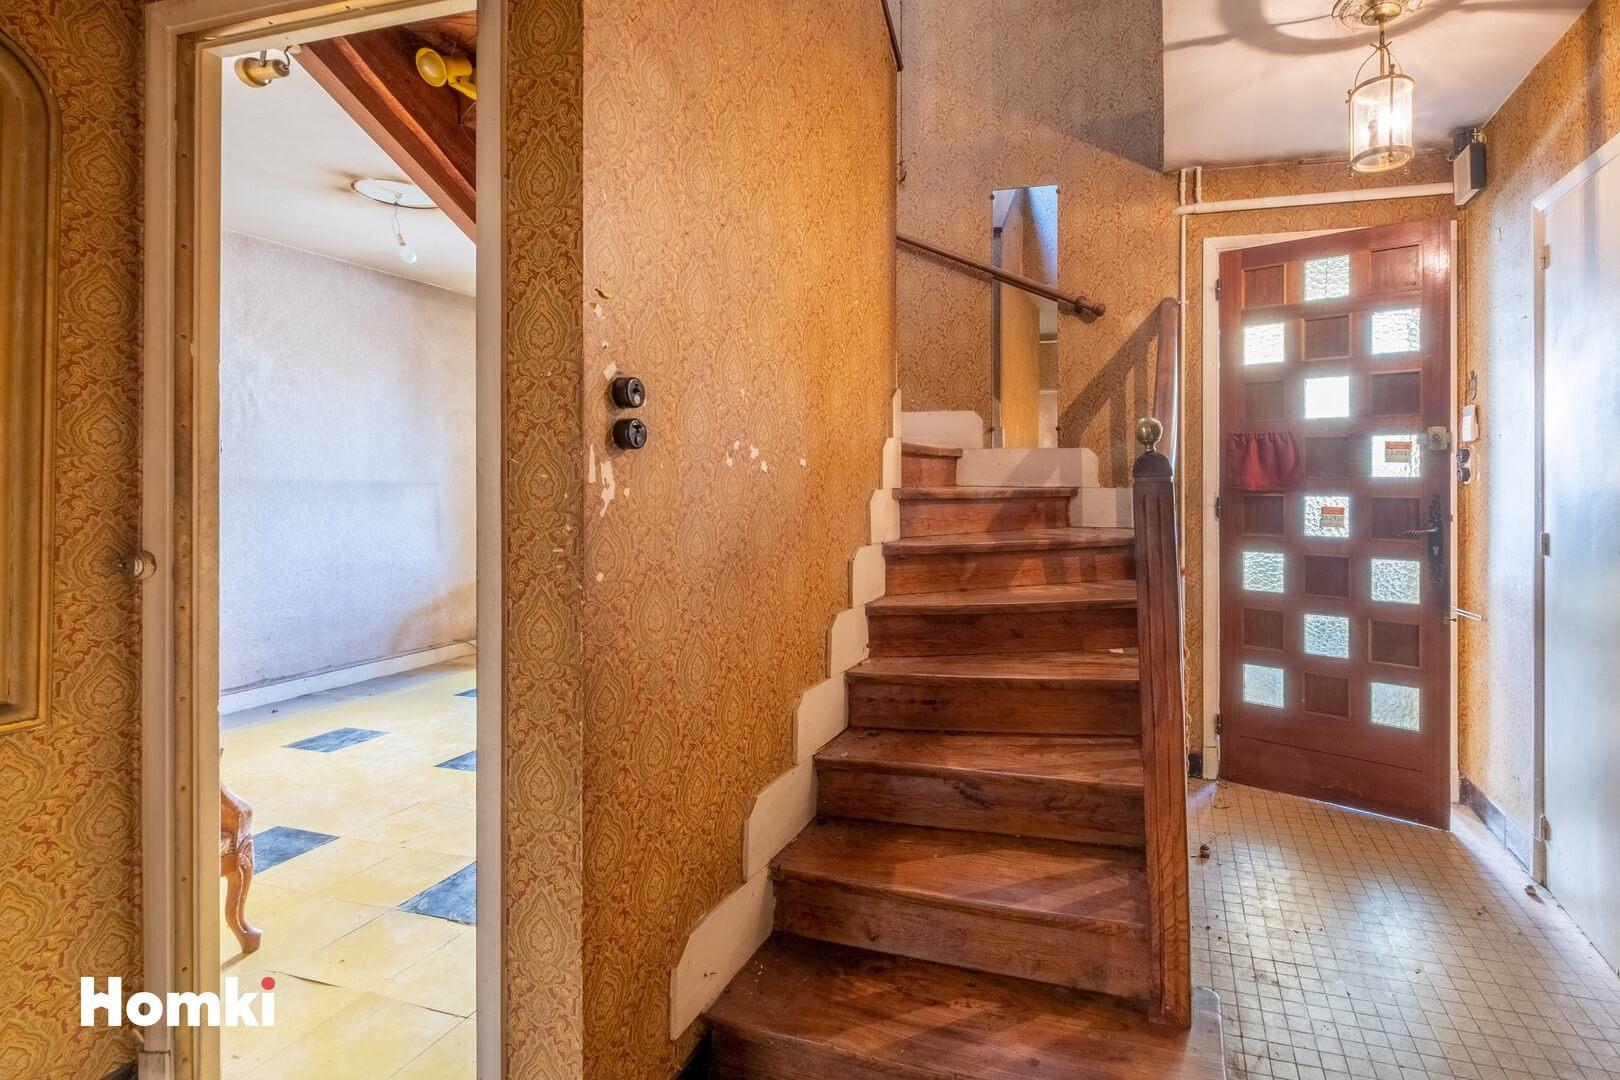 Homki - Vente Maison de ville  de 100.0 m² à Blagnac 31700